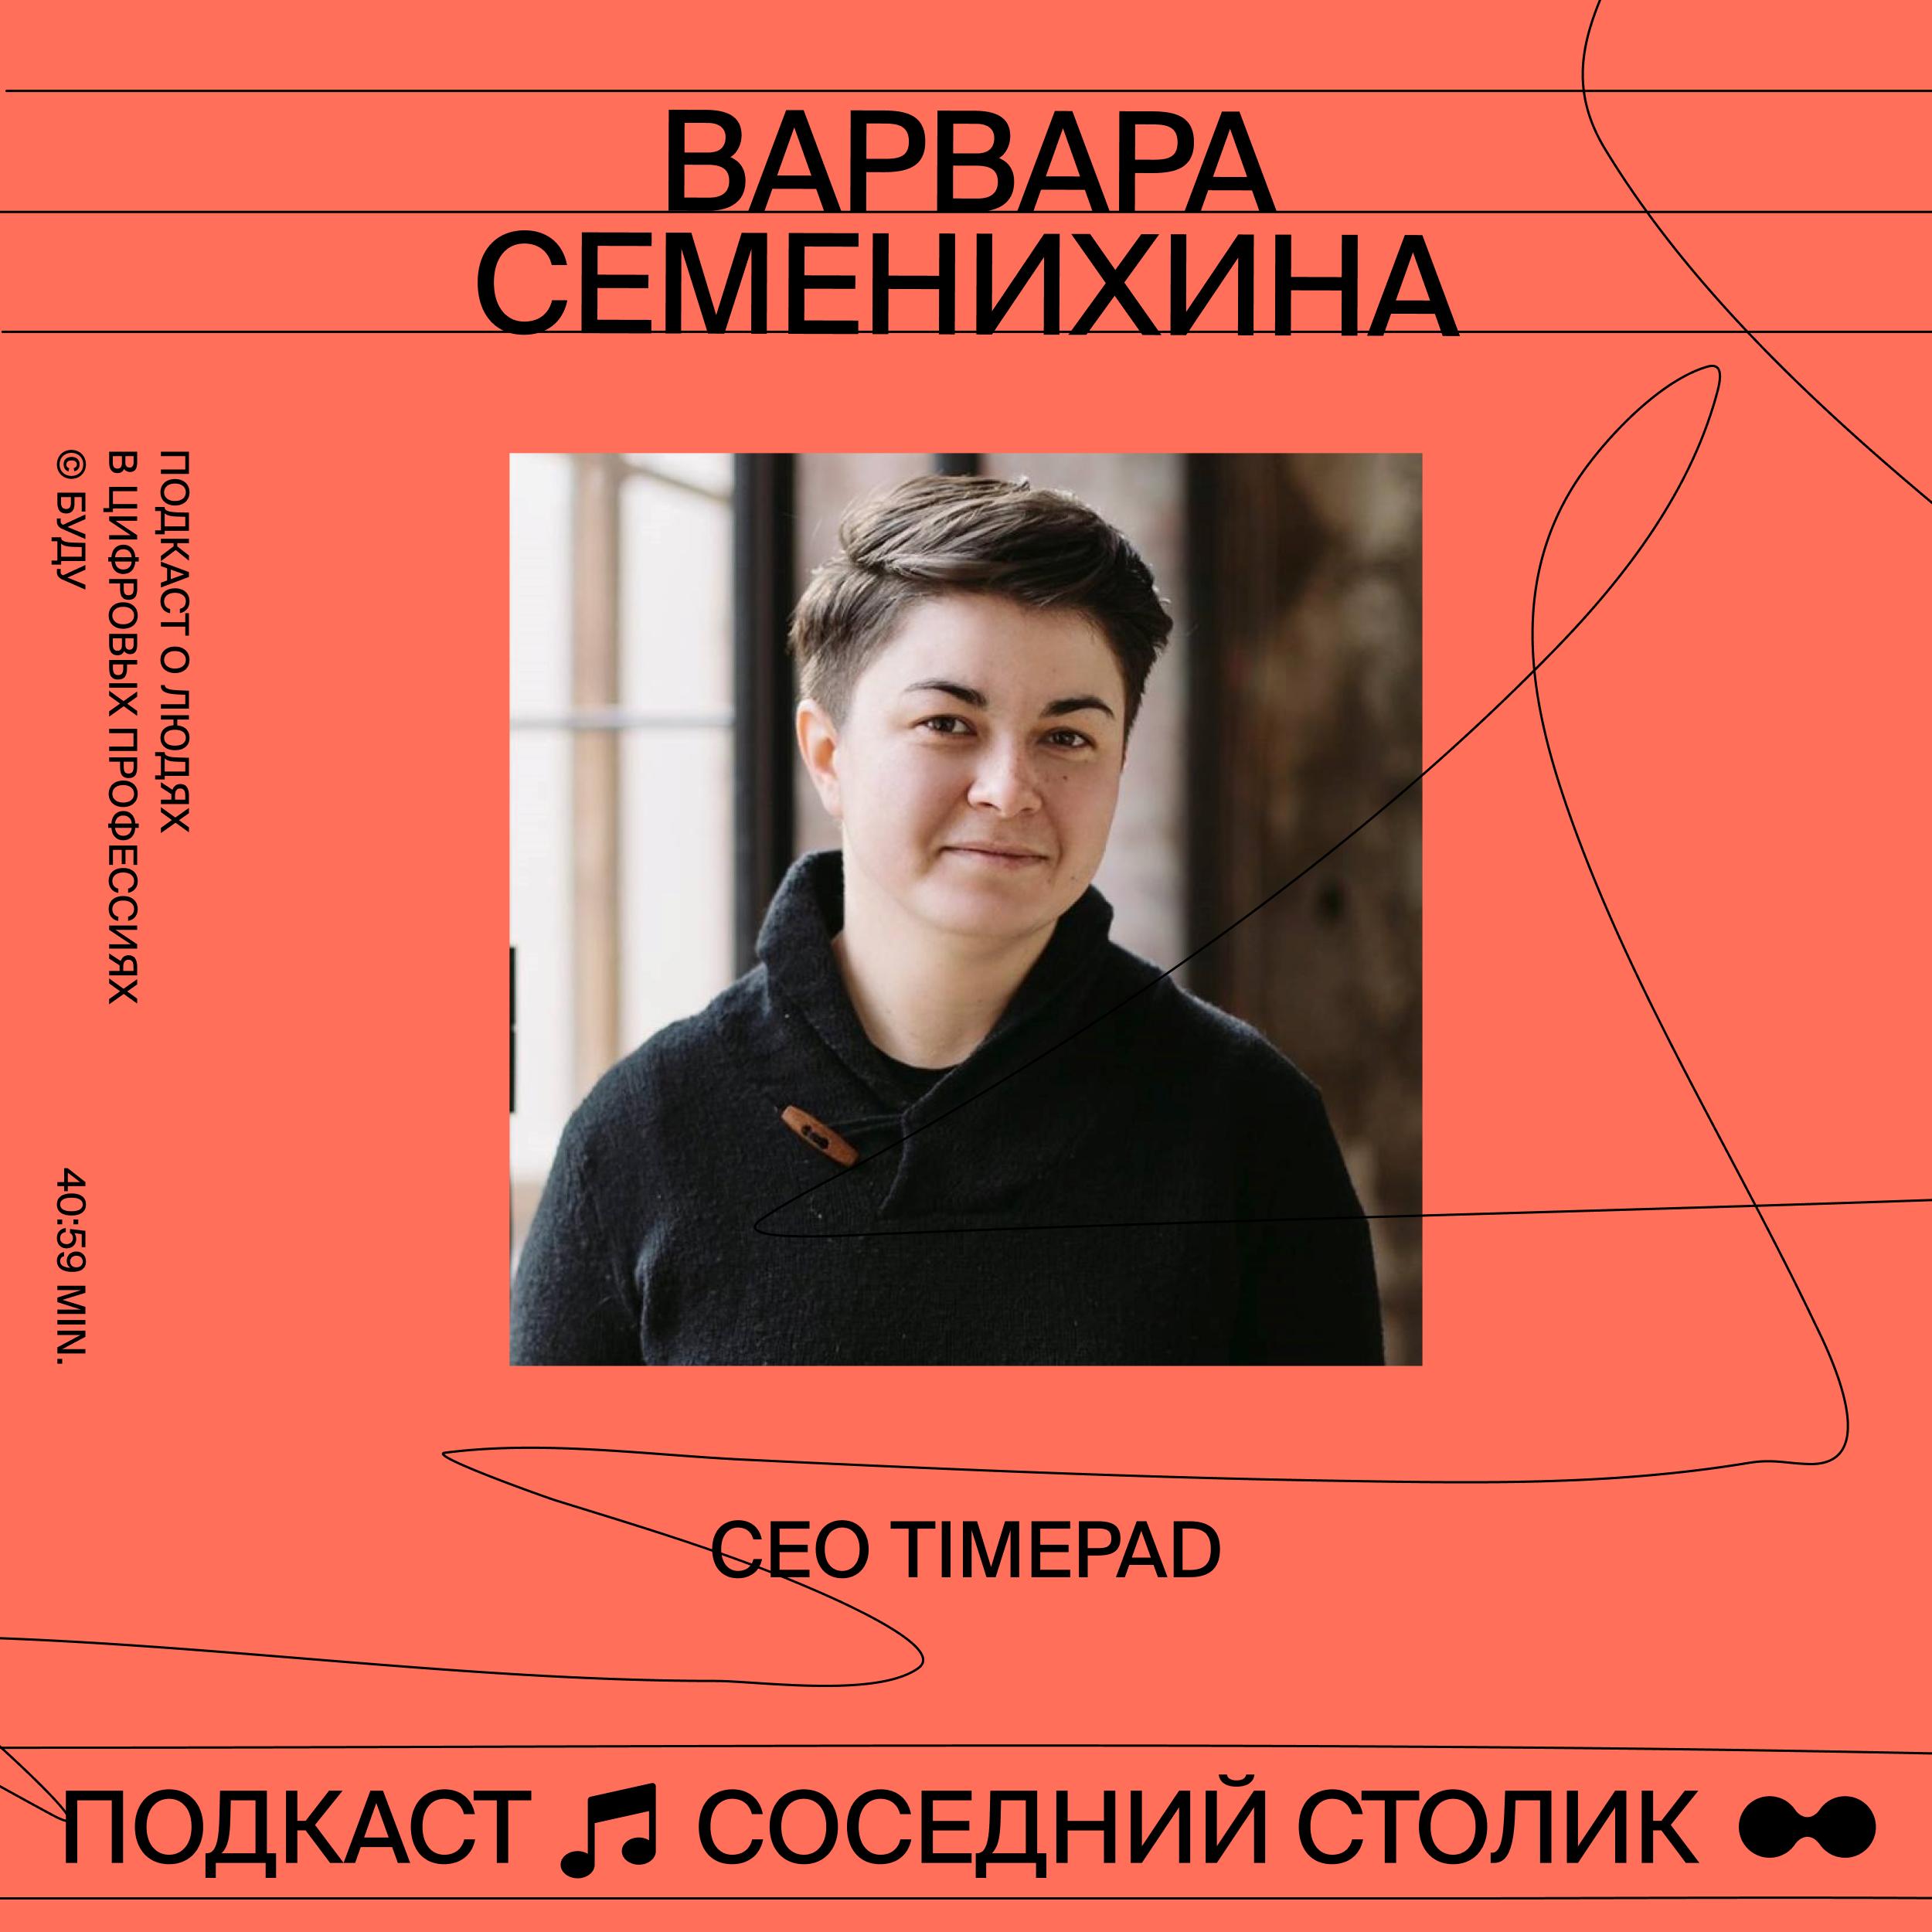 Варвара Семенихина, Timepad: хантинг из Zvooq на $29 млн, путь от CMO к CEO, любовь к людям